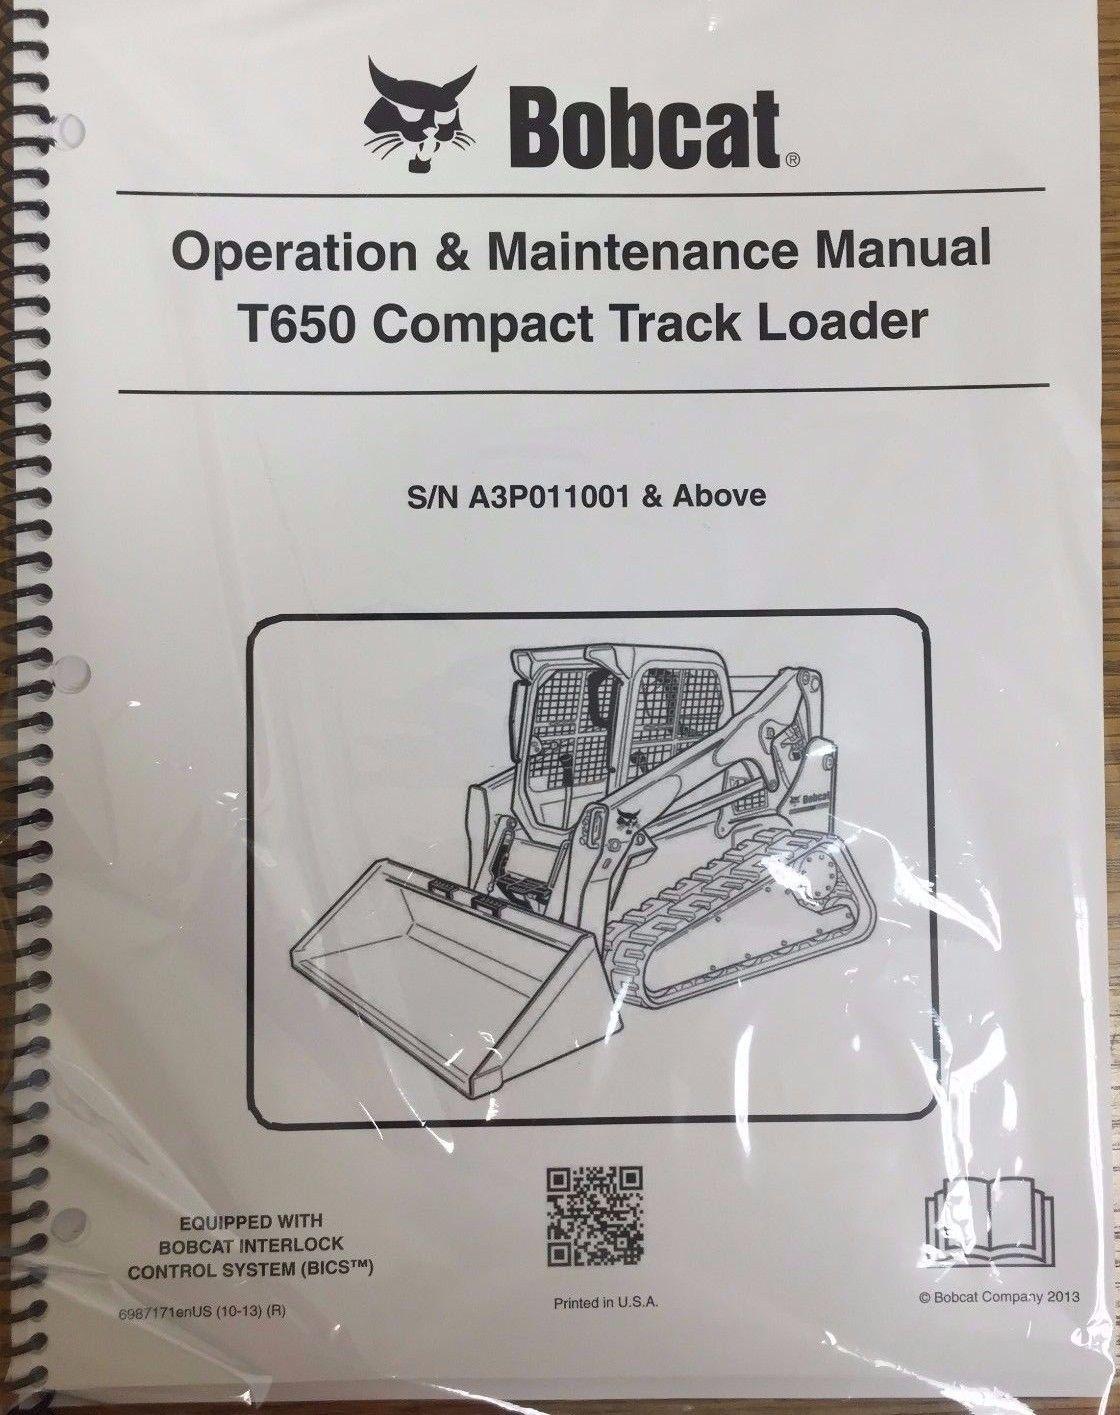 Bobcat T650 repair manual